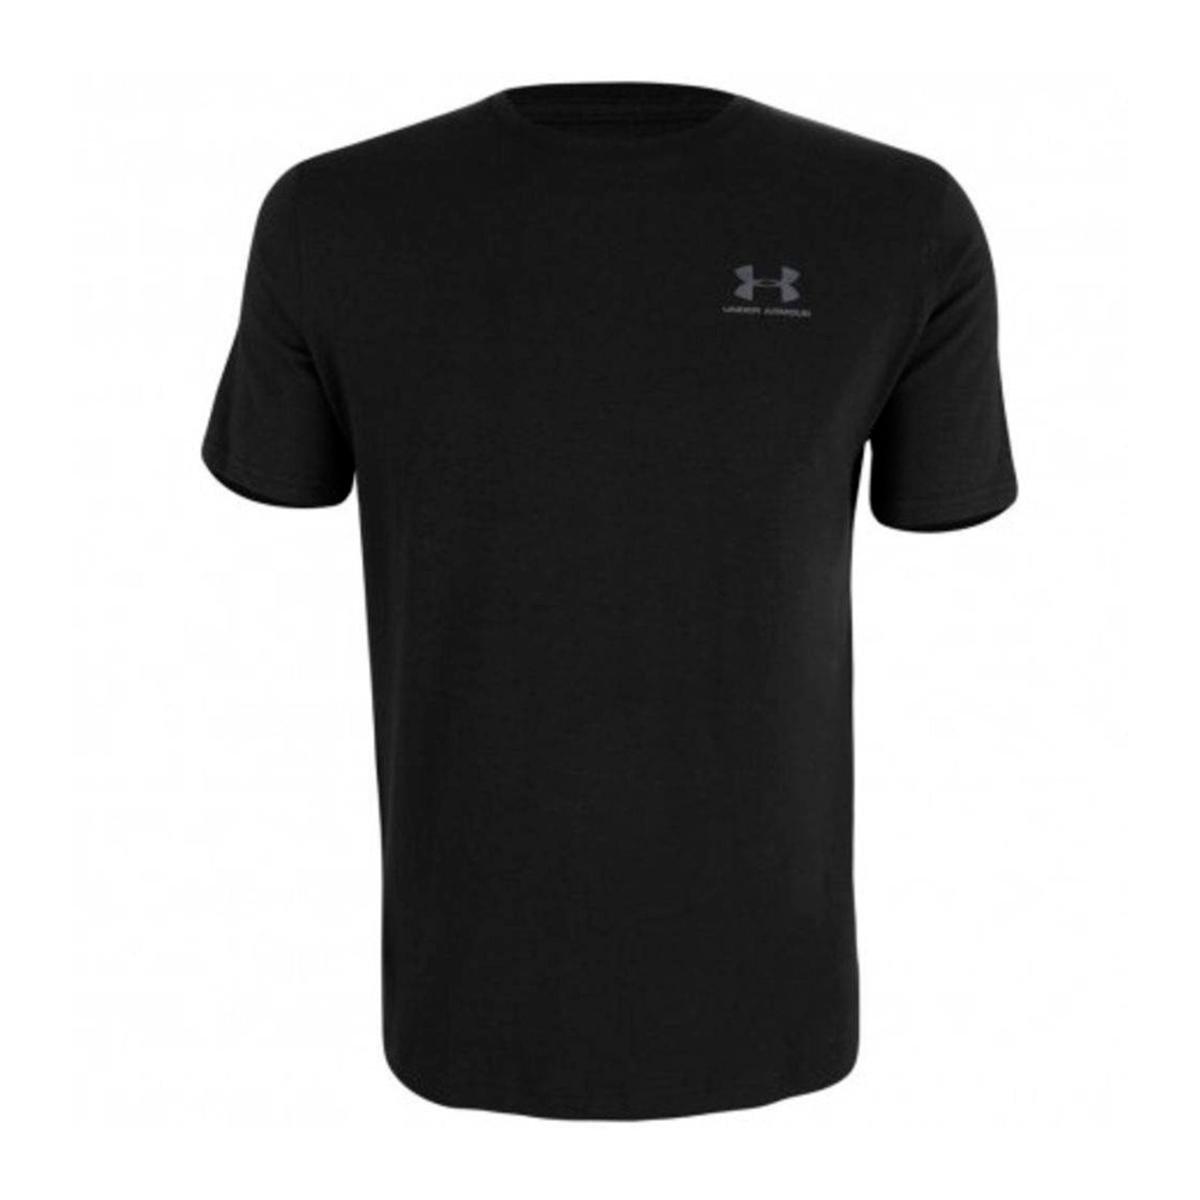 8c09cb12a9d Camiseta Under Armour Brazil Left Chest - Preto e Cinza - Compre Agora